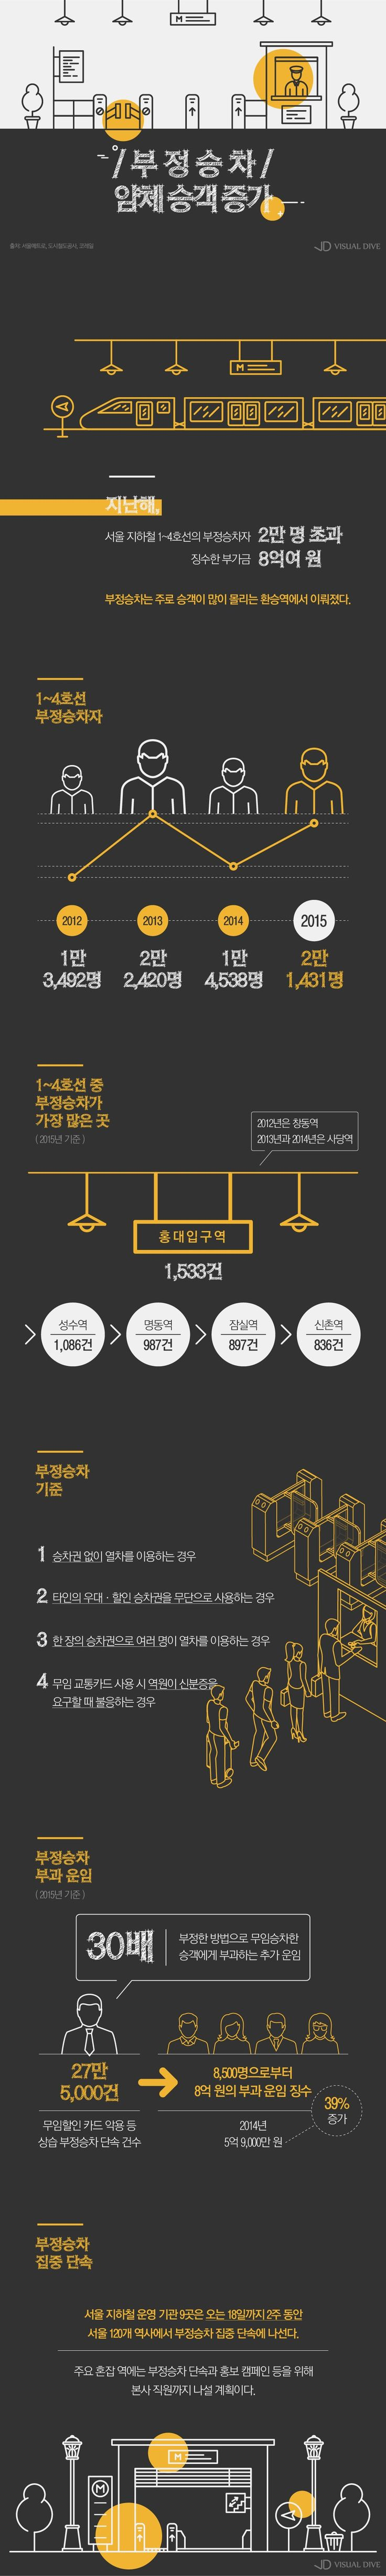 지하철 부정승차 승객 증가…7일부터 집중단속 실시 [인포그래픽] #metro / #Infographic ⓒ 비주얼다이브 무단 복사·전재·재배포…